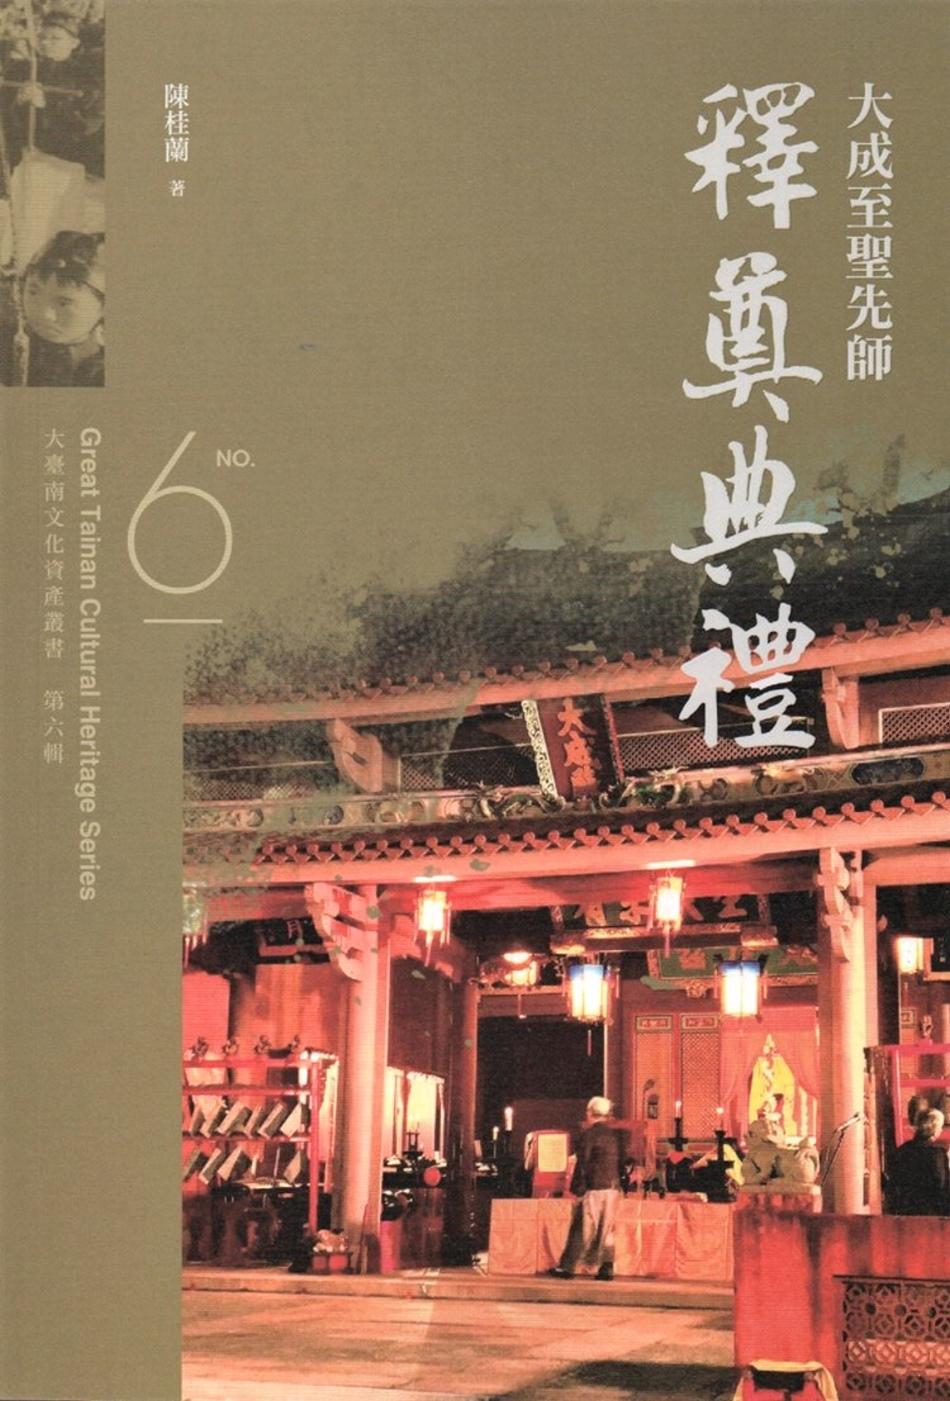 大臺南文化資產叢書(第六輯)大成至聖先師釋奠典禮